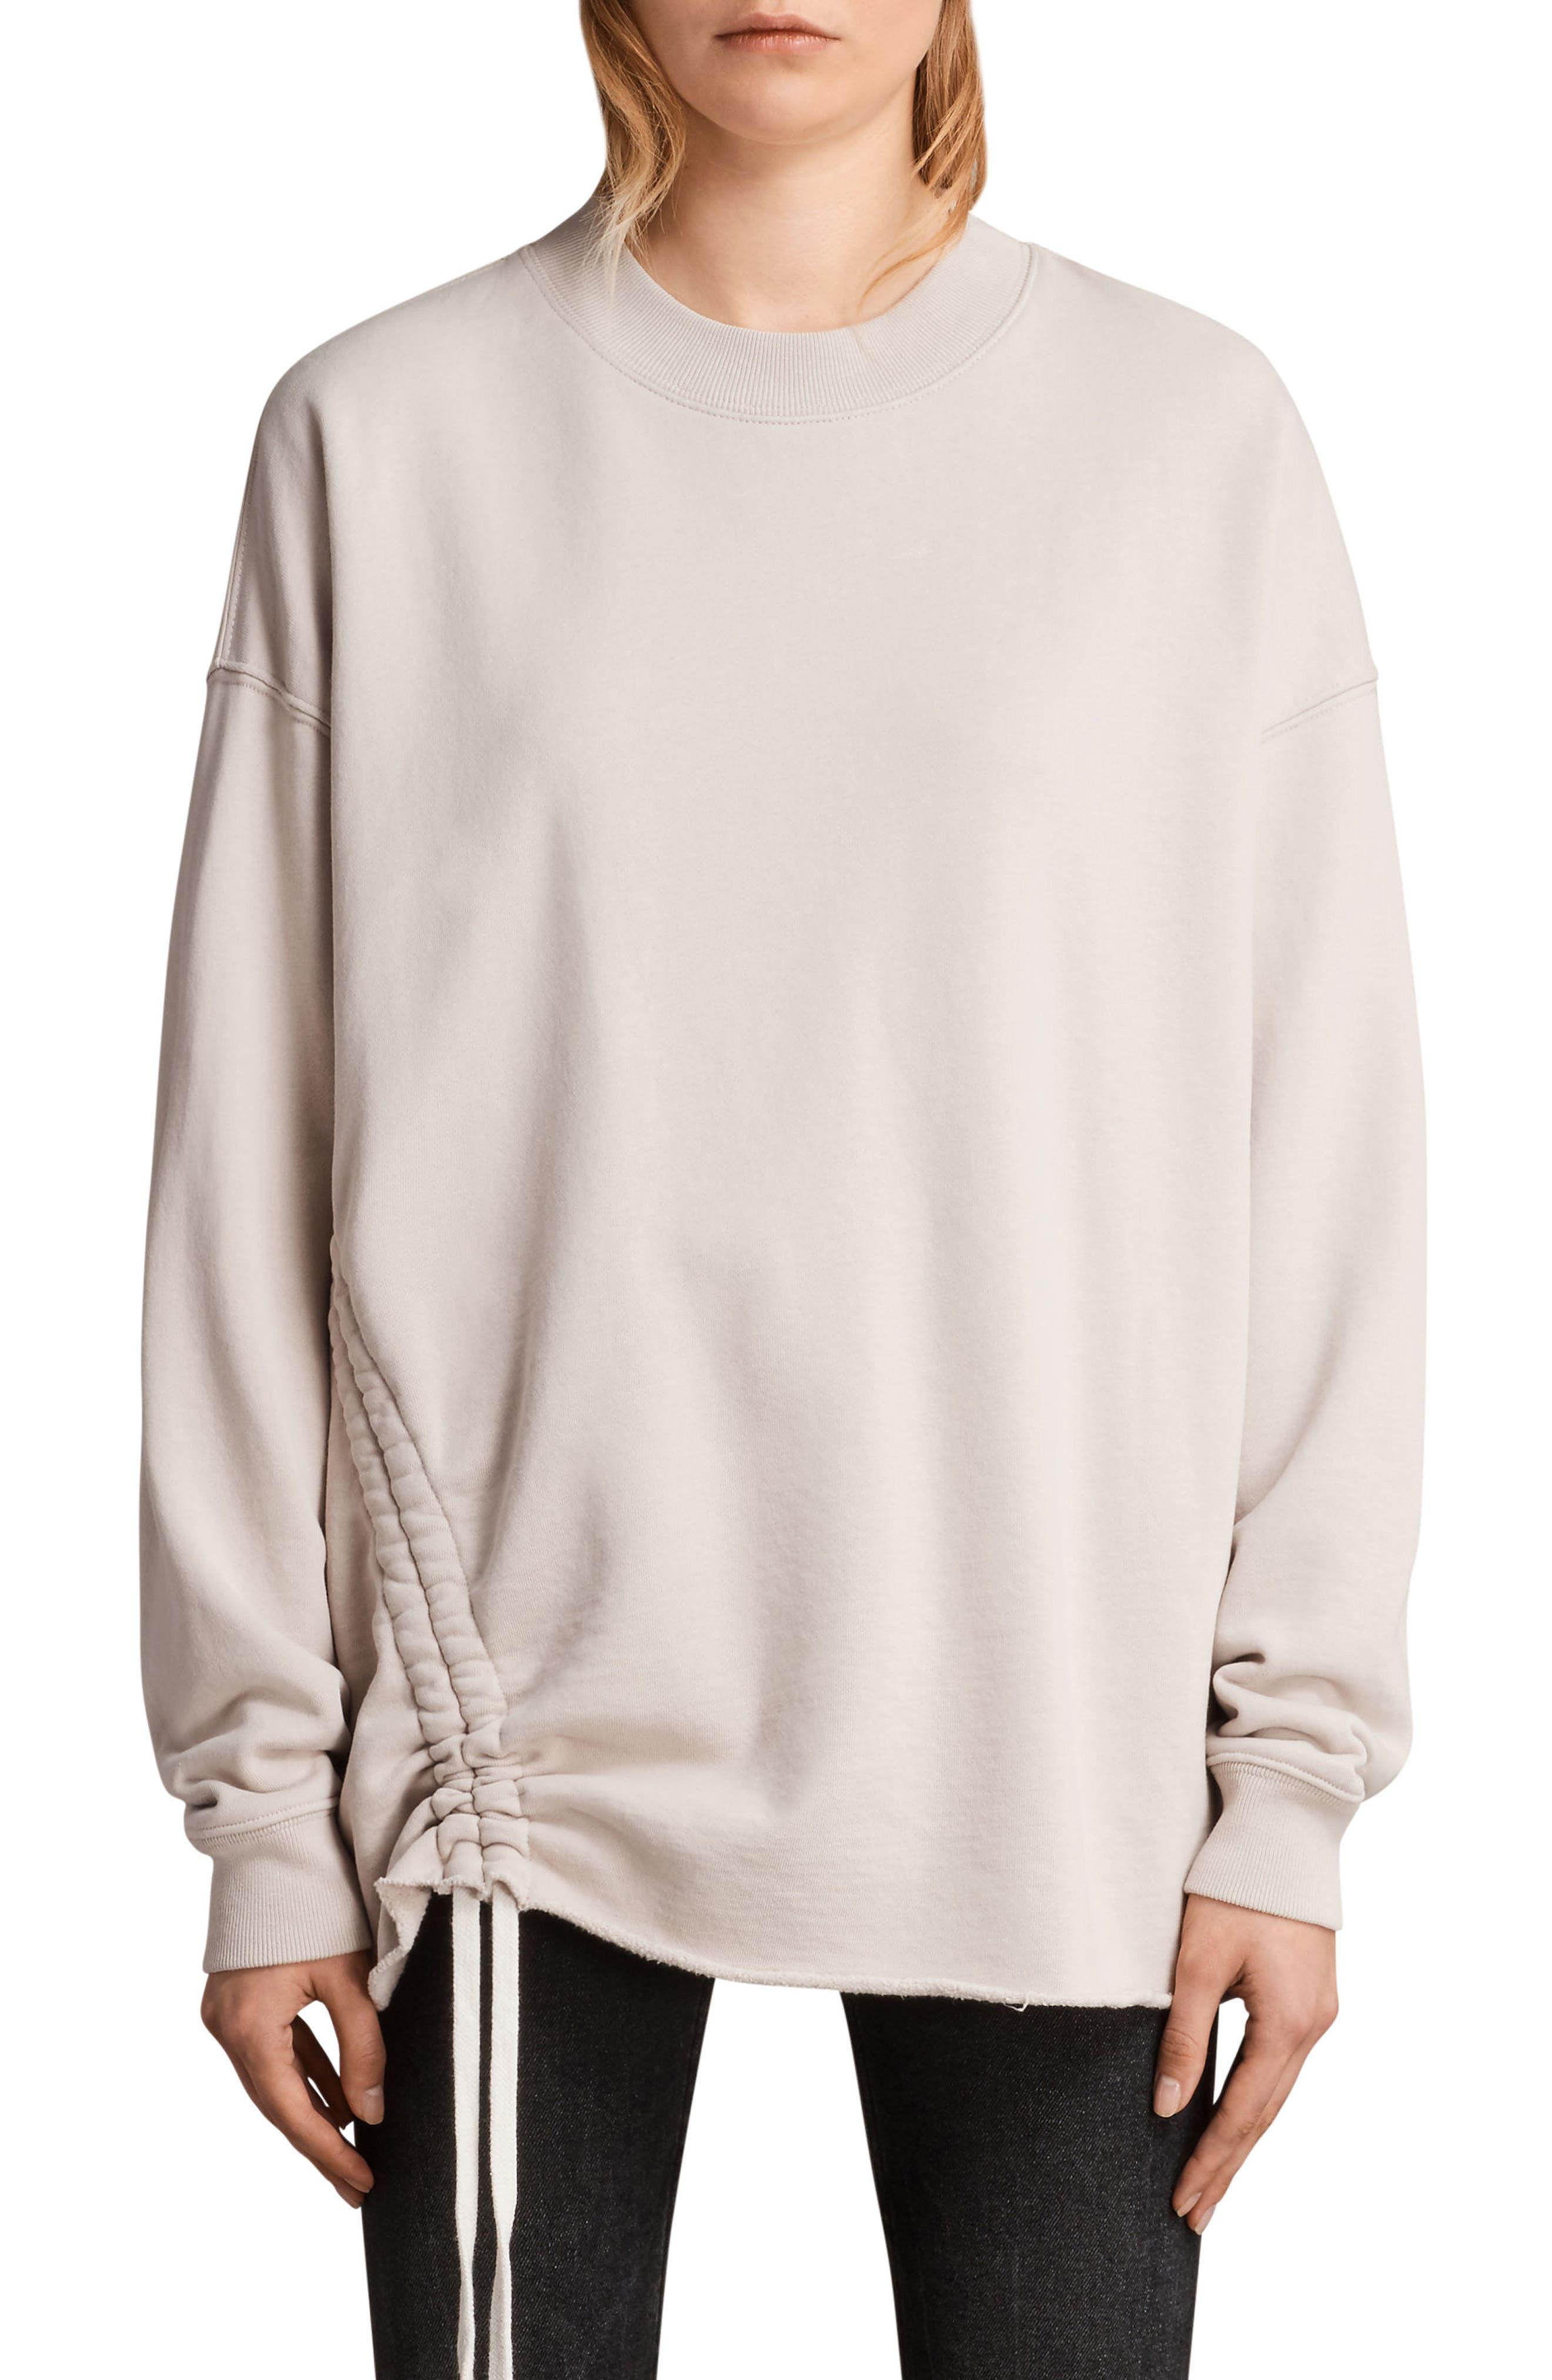 Able Sweatshirt,                         Main,                         color, Quartz Pink